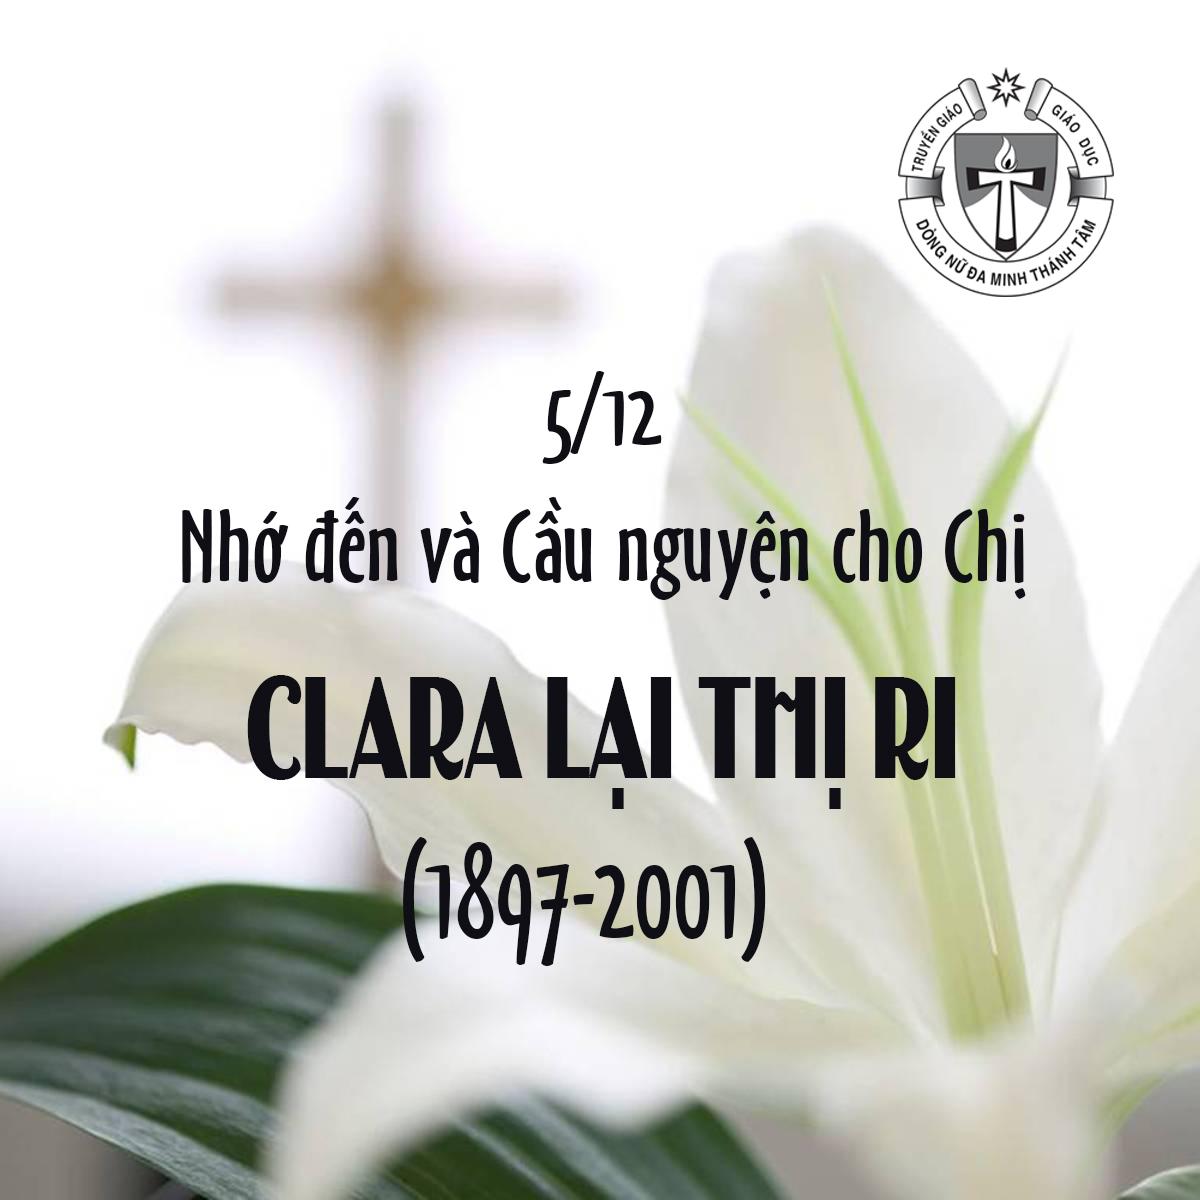 5/12: GIỖ CHỊ CLARA LẠI THỊ RI